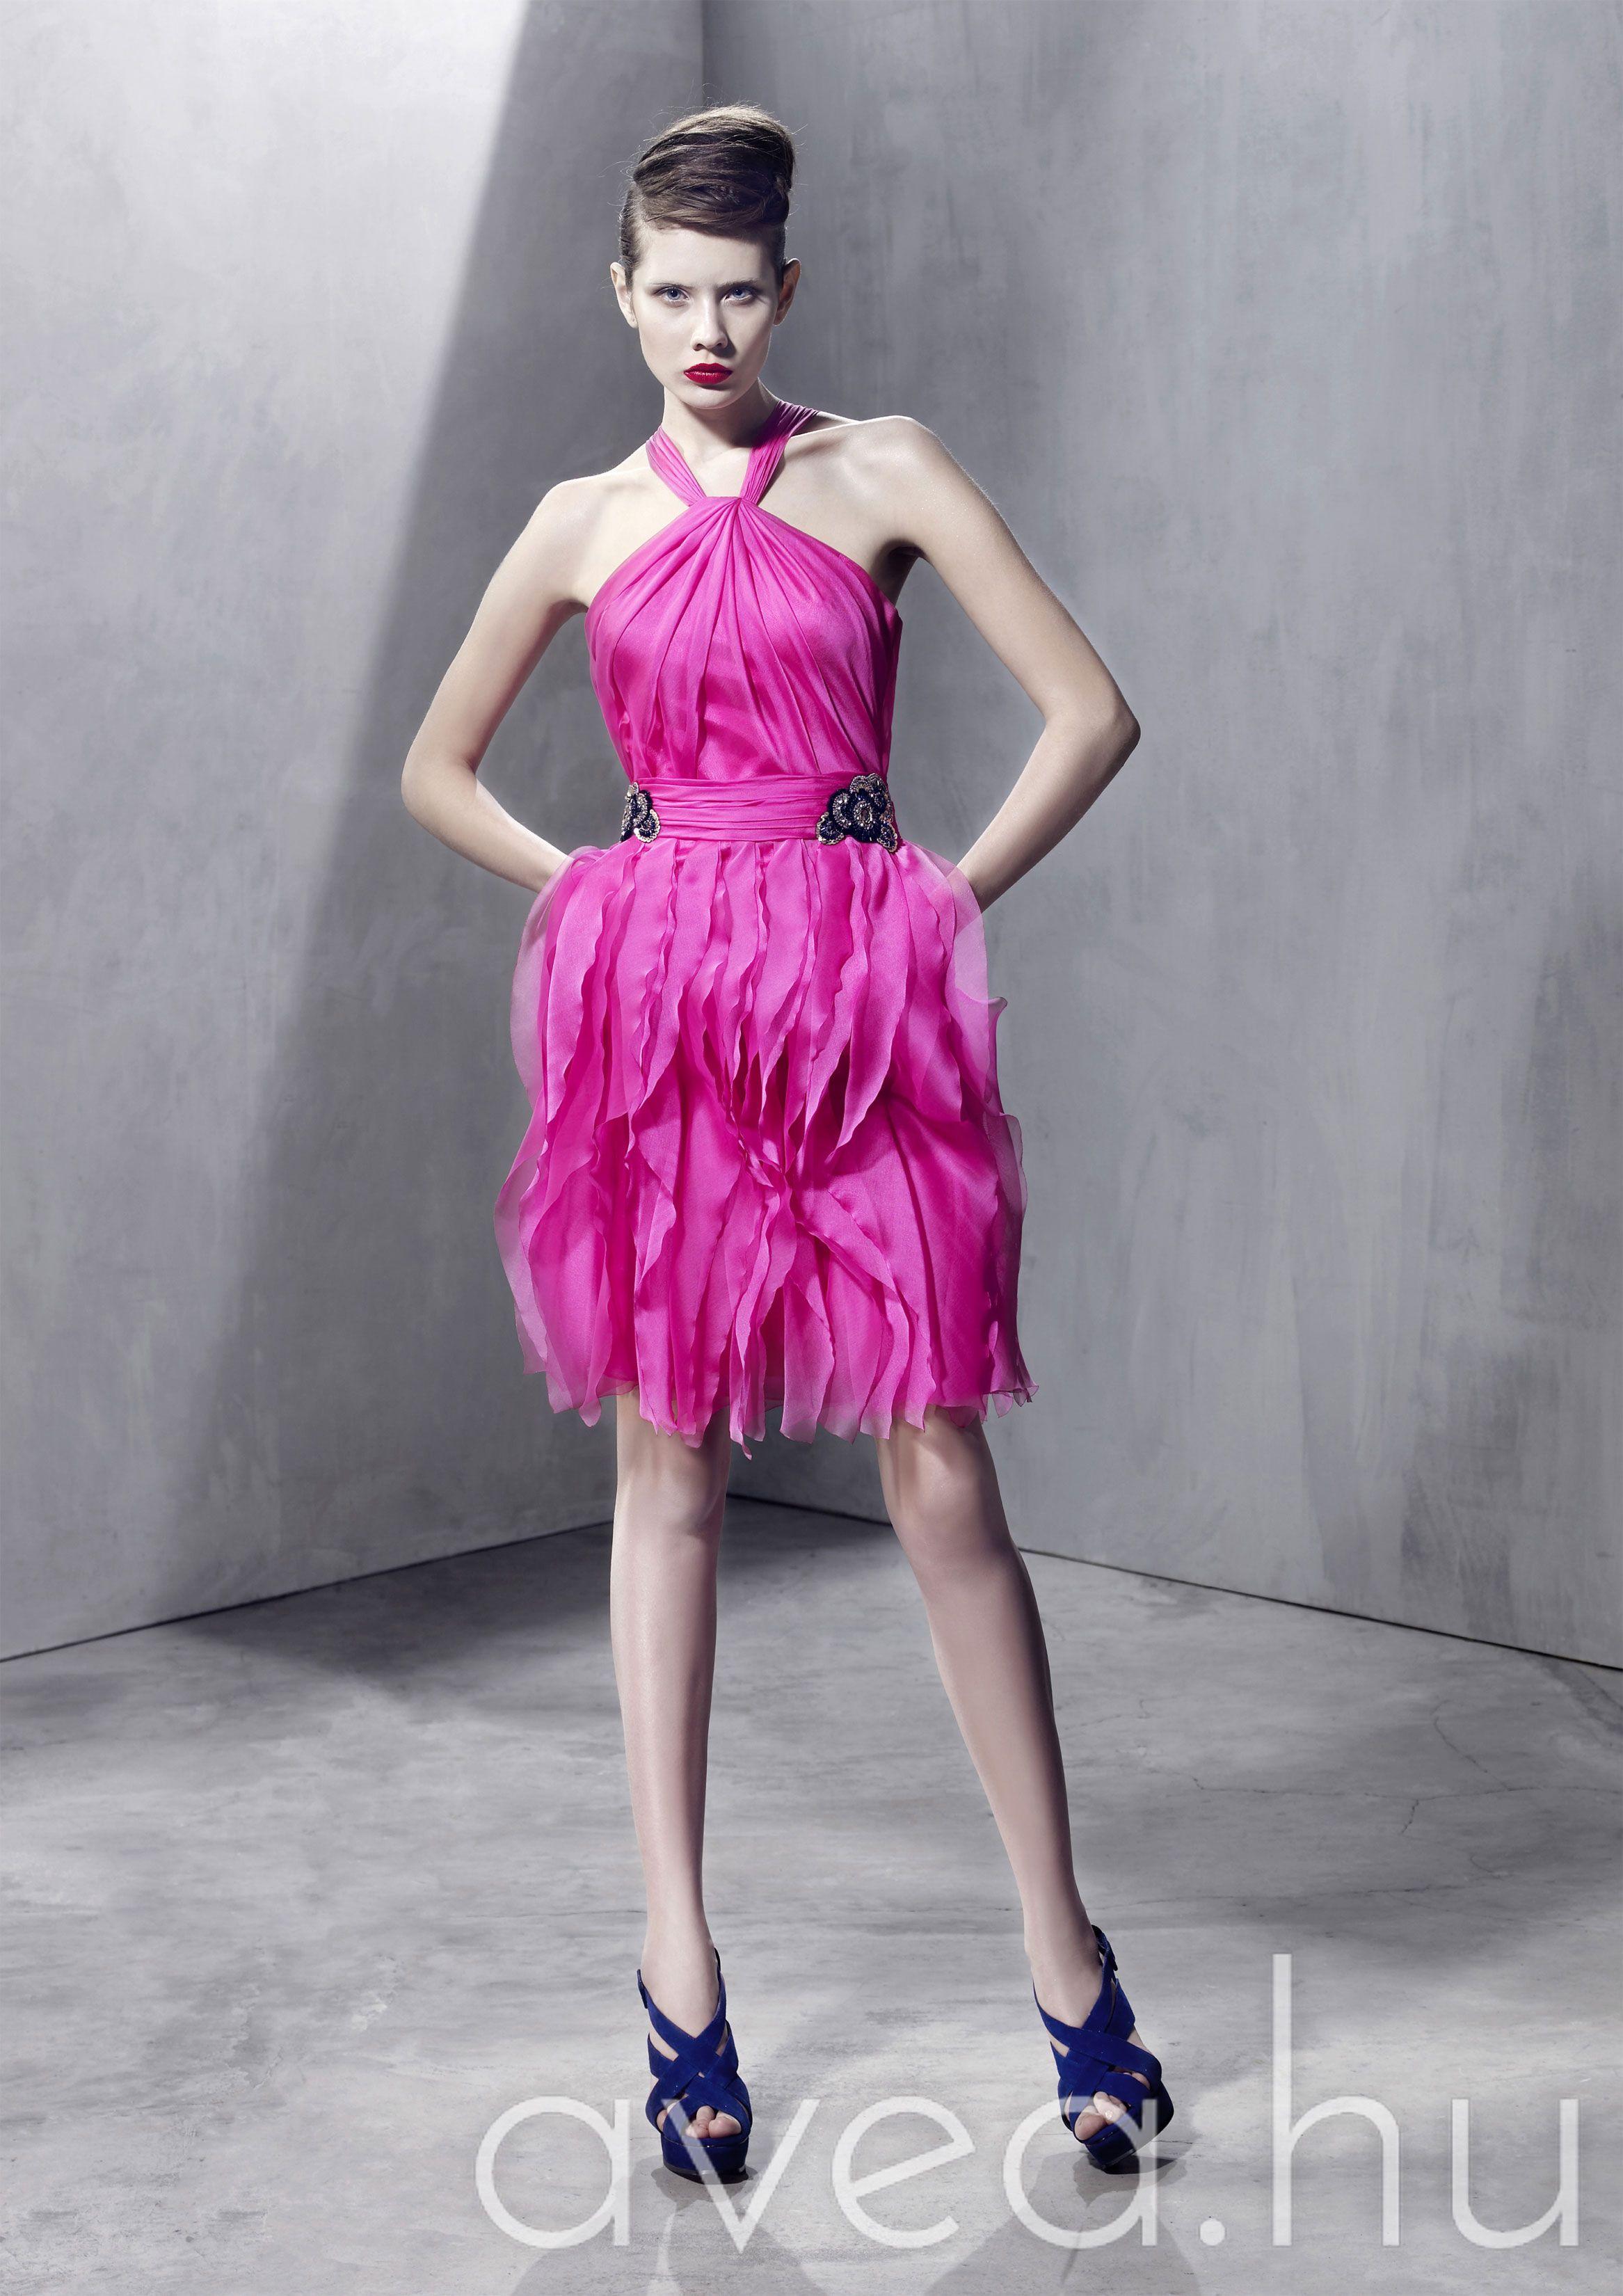 Perfecto Vestidos De Dama Factura Levkoff Adorno - Colección de ...